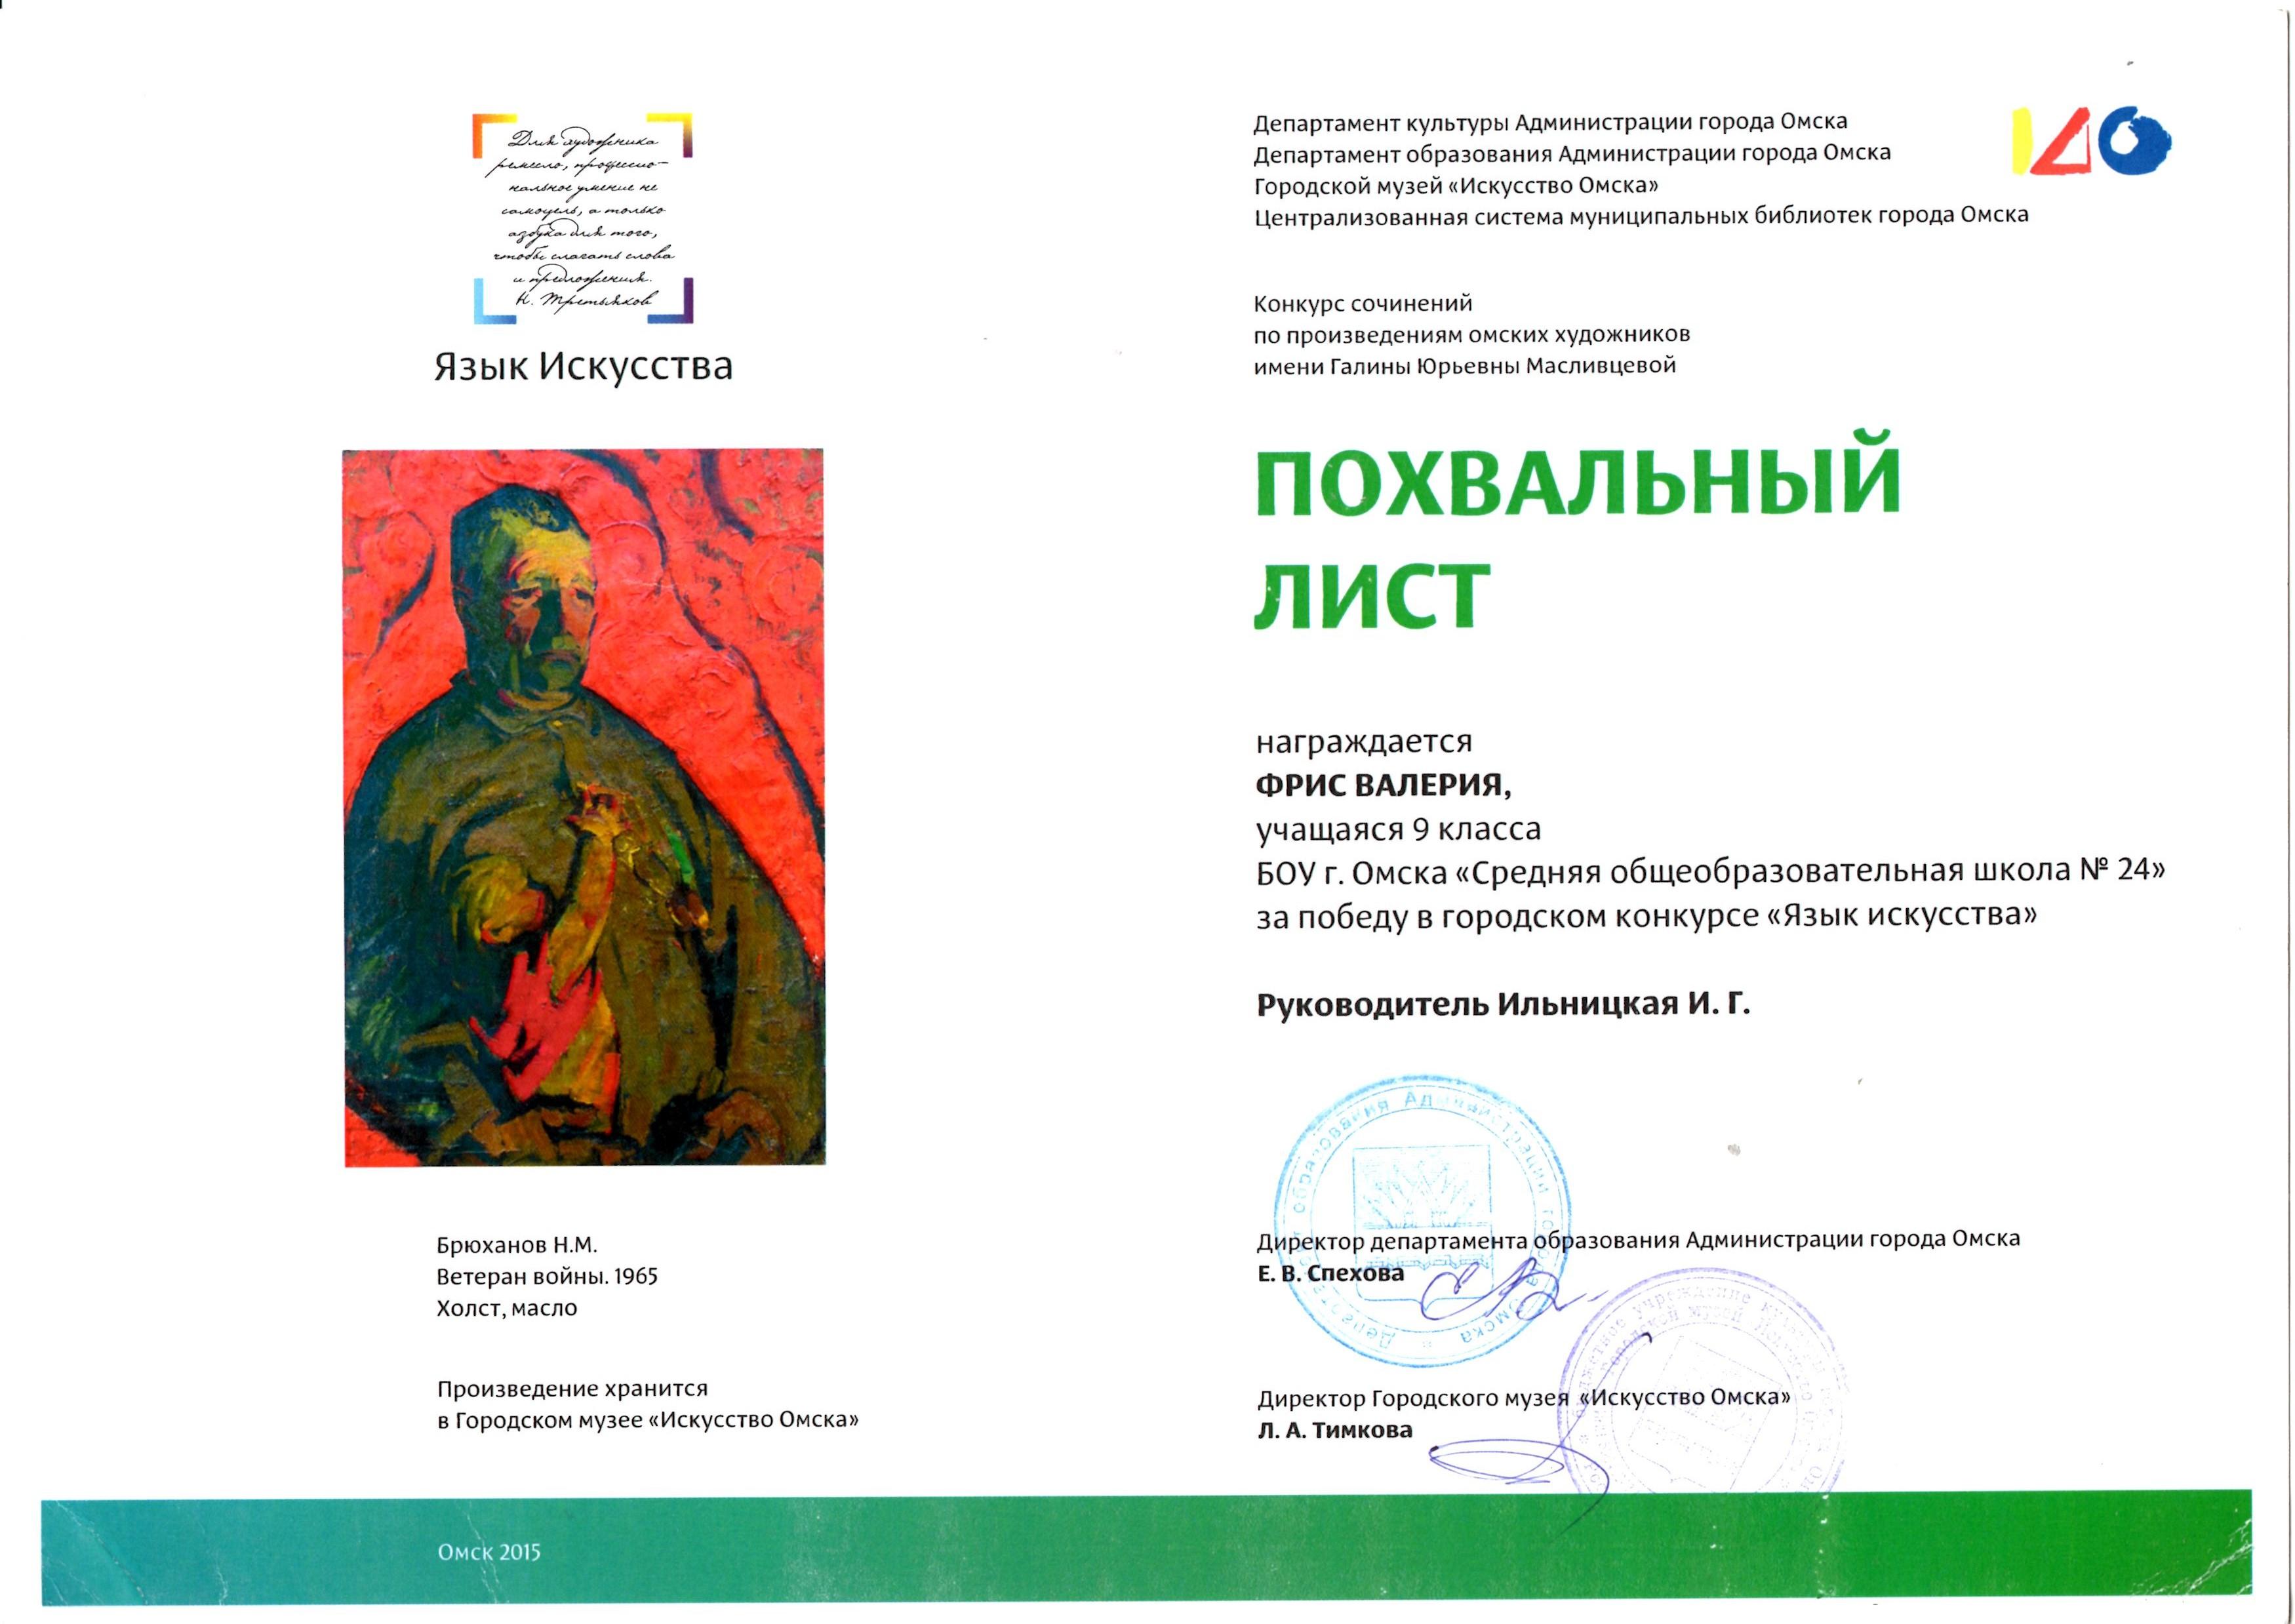 Омск конкурс сочинений язык искусства